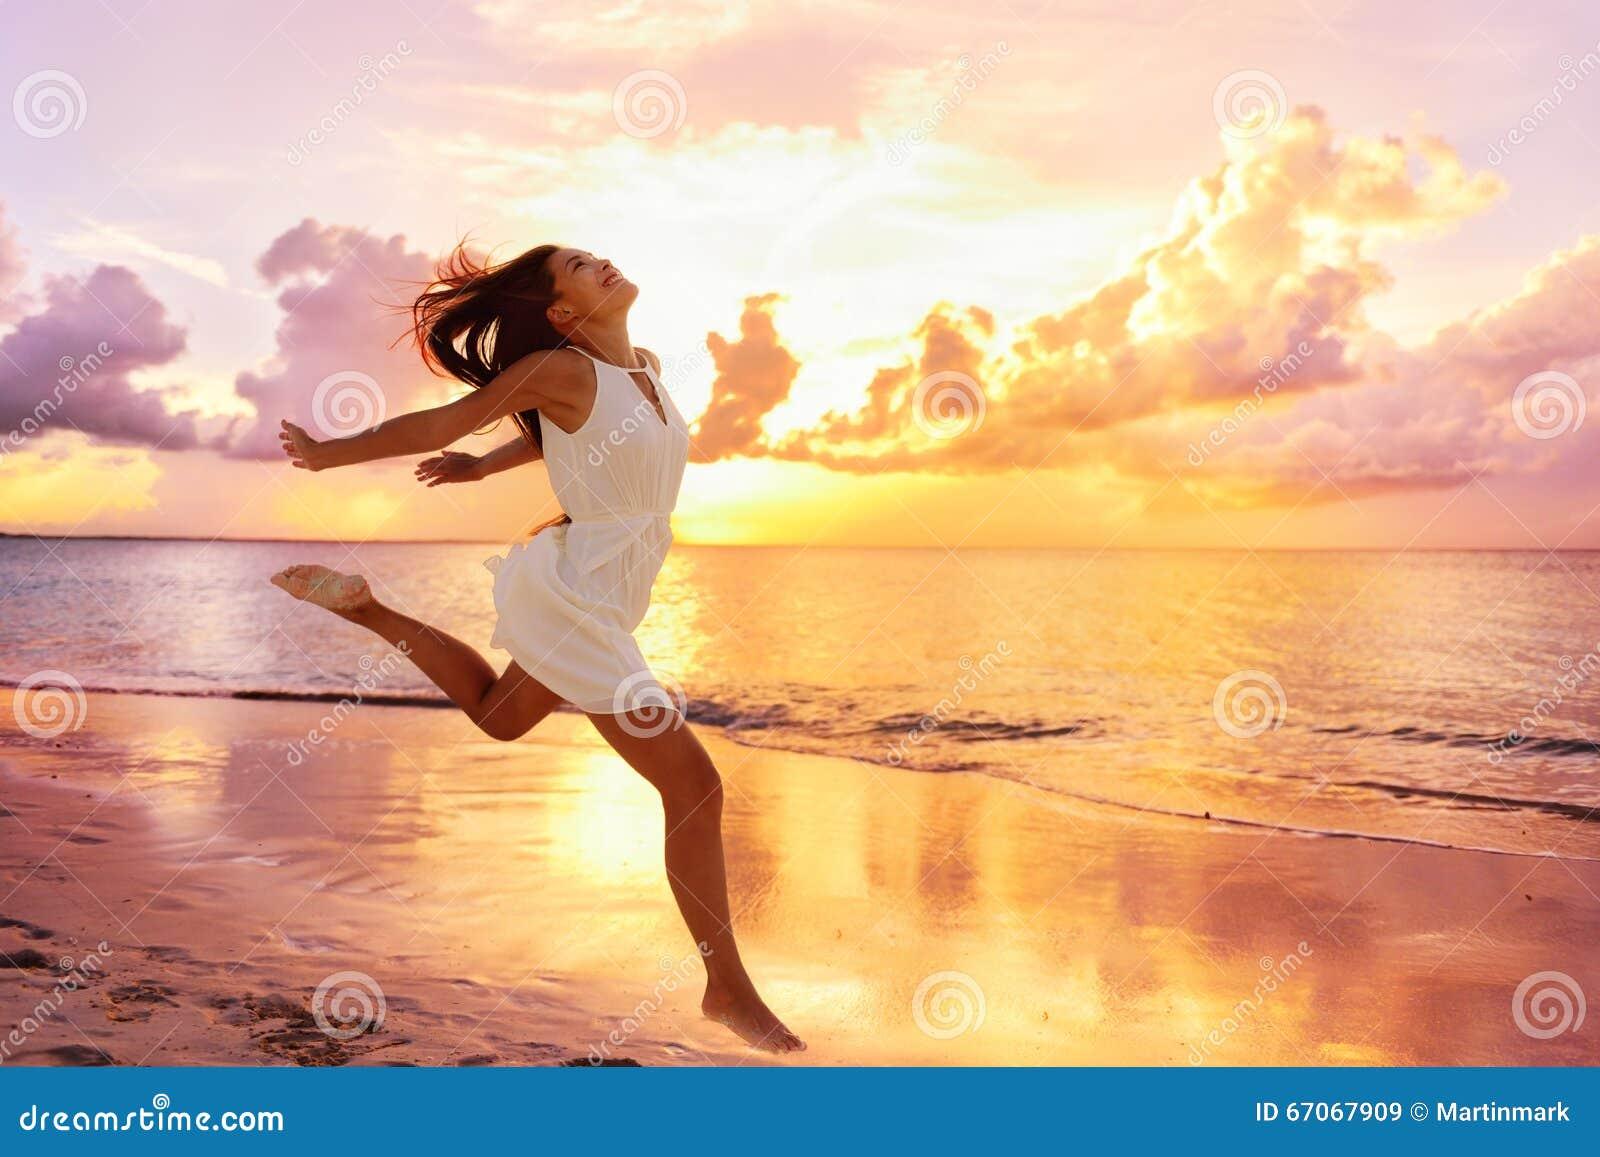 Het gelukconcept van vrijheidswellness - gelukkige vrouw